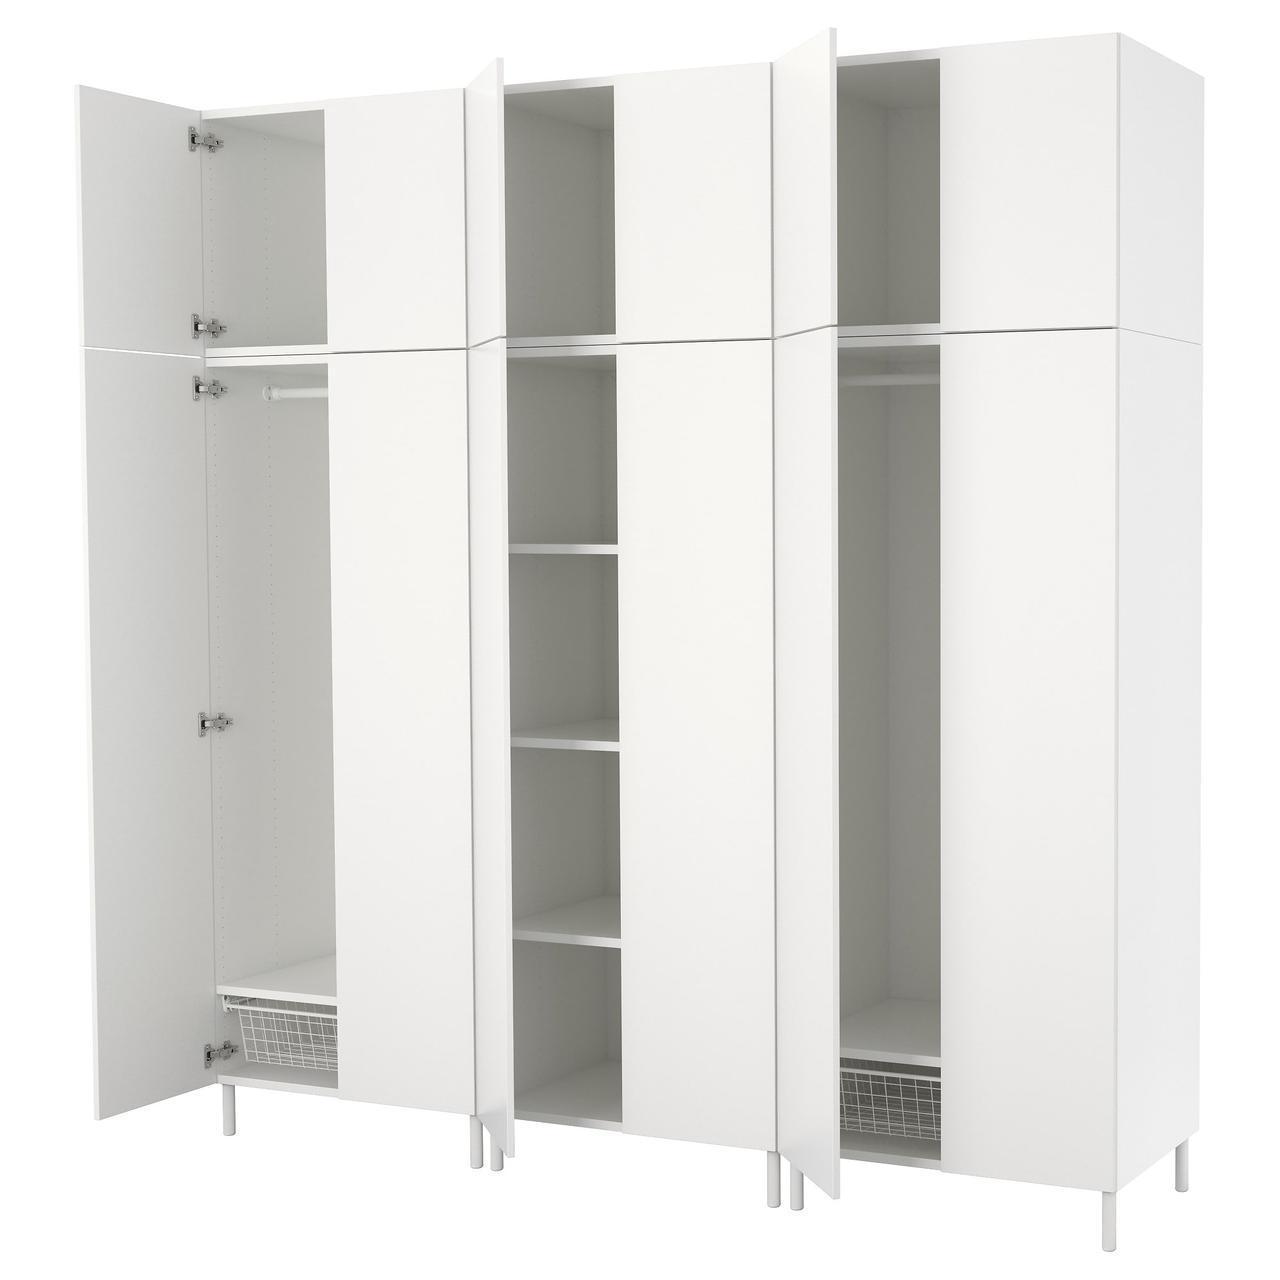 IKEAATSA (792.485.88) Шкаф/гардероб, белый, белый белый